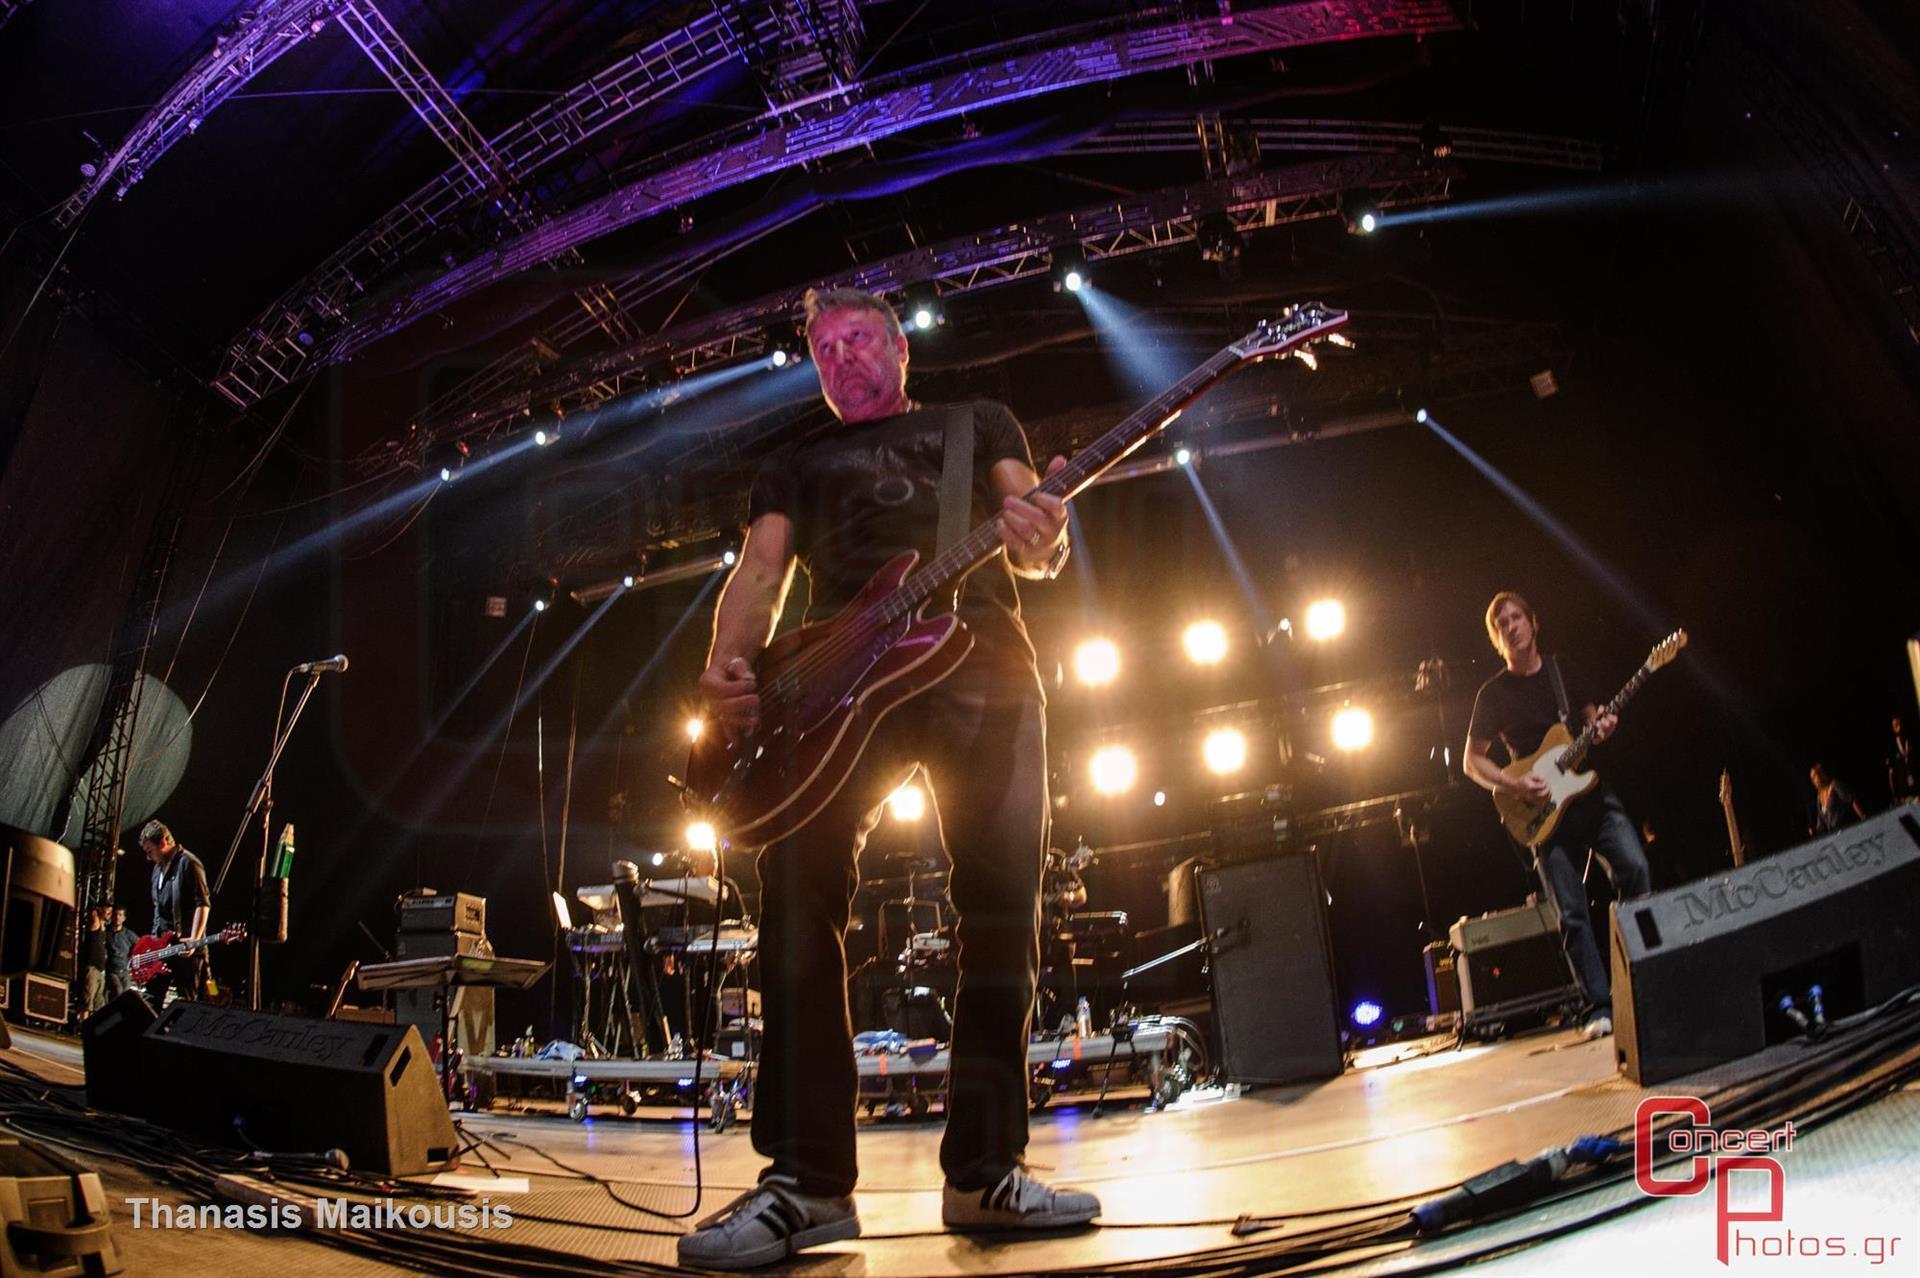 Peter Hook & The Light -Peter Hook & The Light Ejekt 2013 photographer: Thanasis Maikousis - concertphotos_-9351